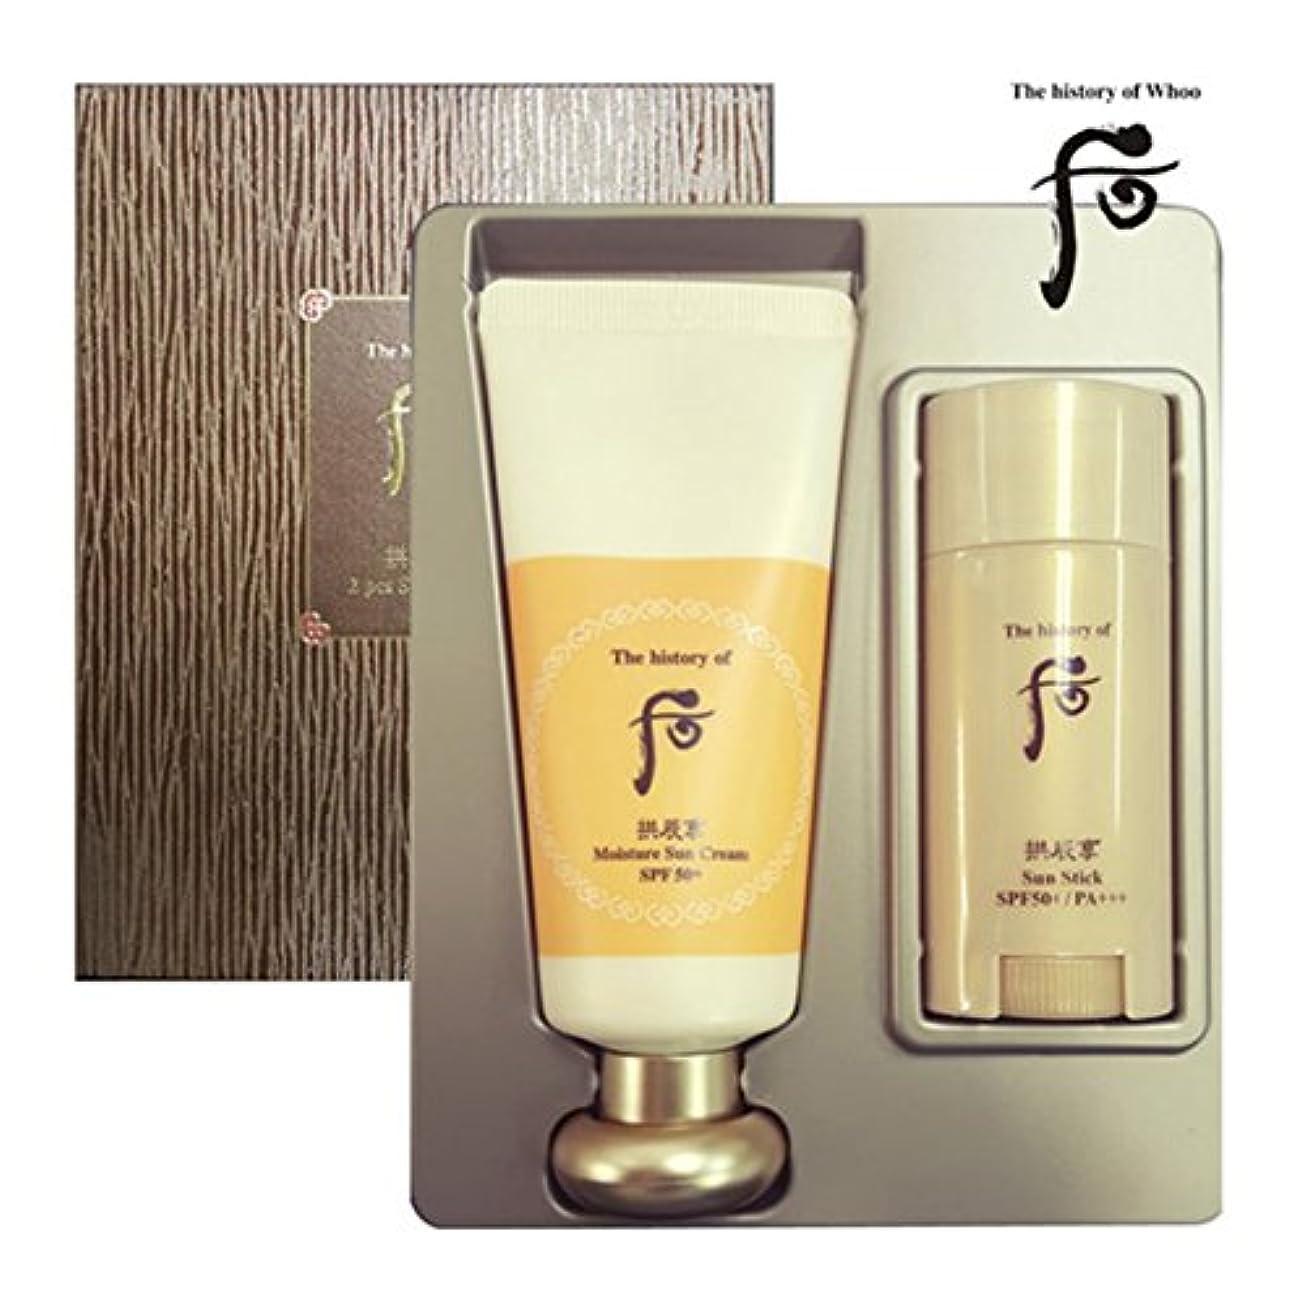 形成高い観察【フー/The history of whoo] Whoo 后 Jin Hae Yoon Sun Cream and Sun Stick Special Set/后(フー) ゴンジンヒャン ジン ヘユン サンクリーム&サンスティック2種セット [SPF50+/PA+++] + [Sample Gift](海外直送品)